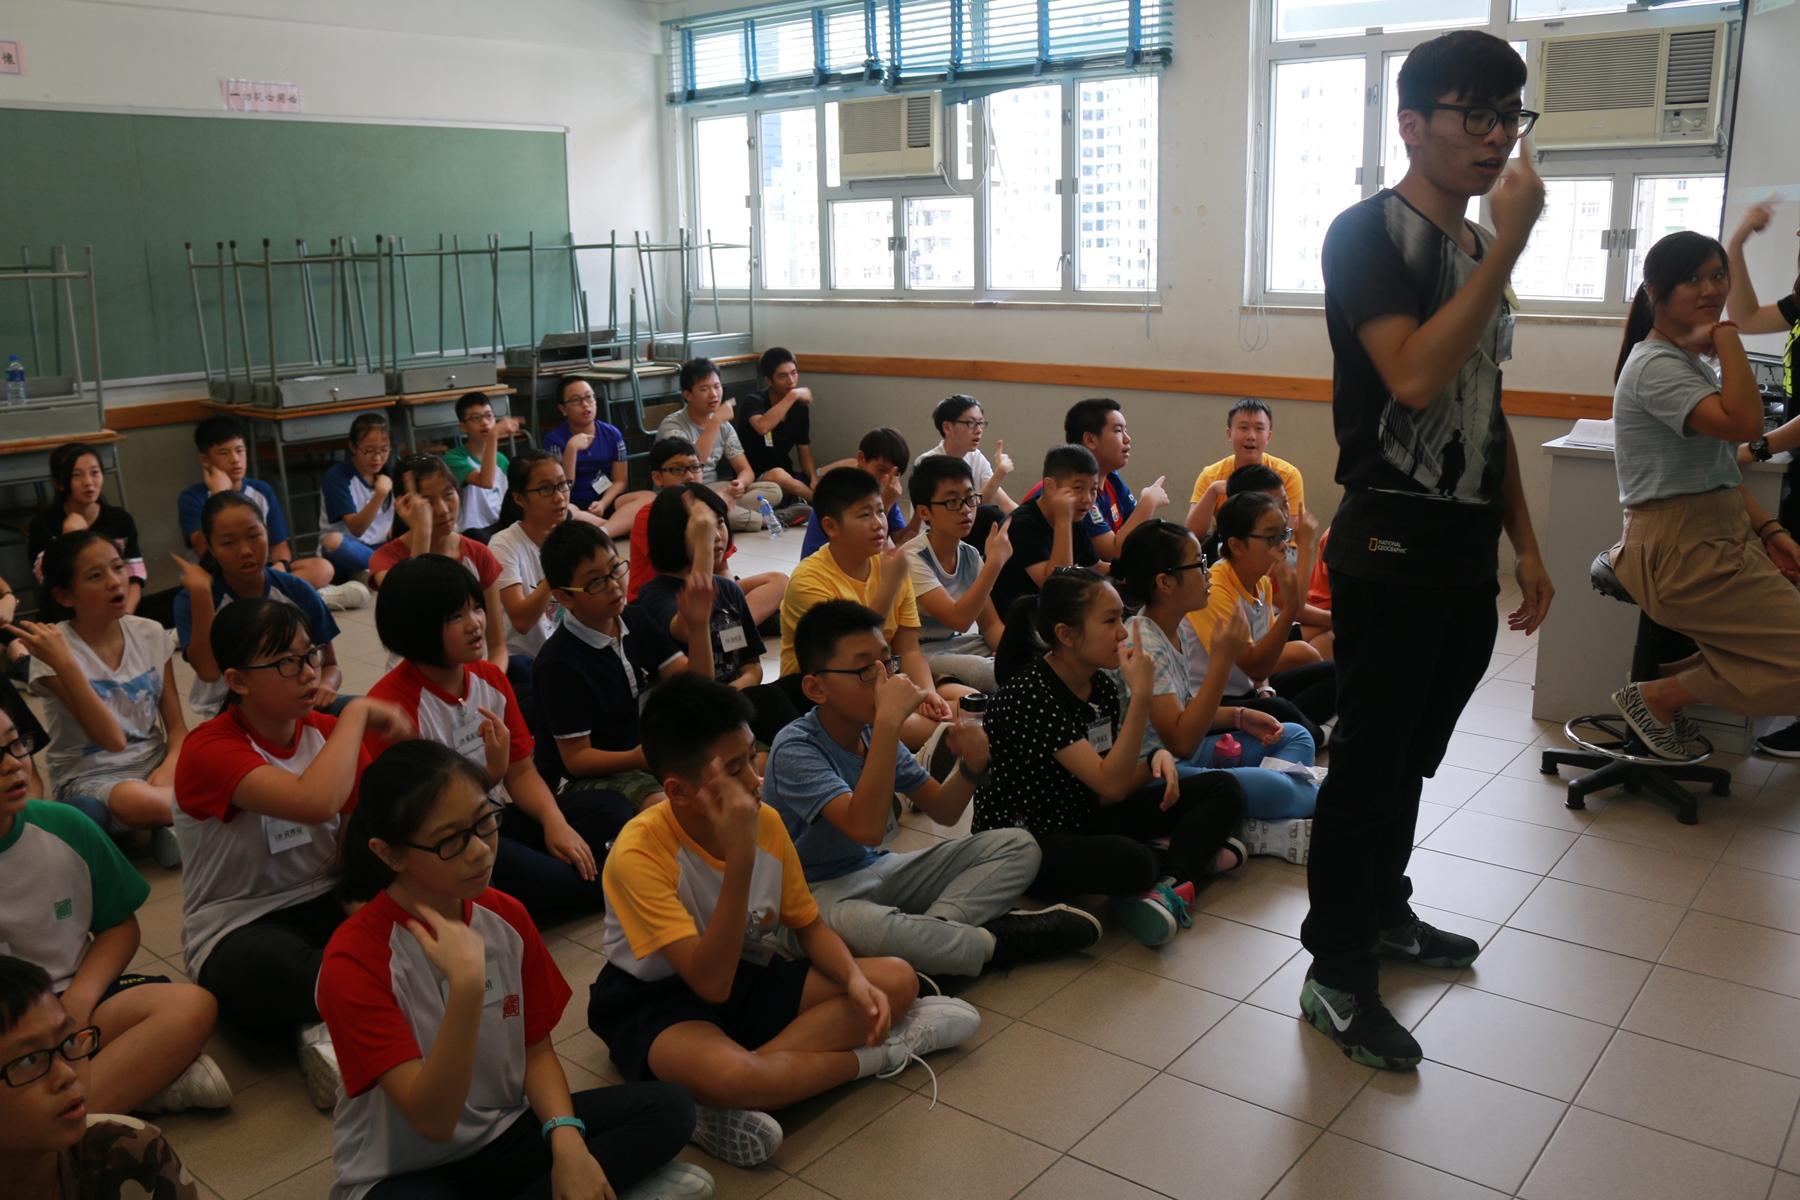 http://www.npc.edu.hk/sites/default/files/1b_zhong_ying_bing_chong_ying_jie_tiao_zhan_20170816_01.jpg